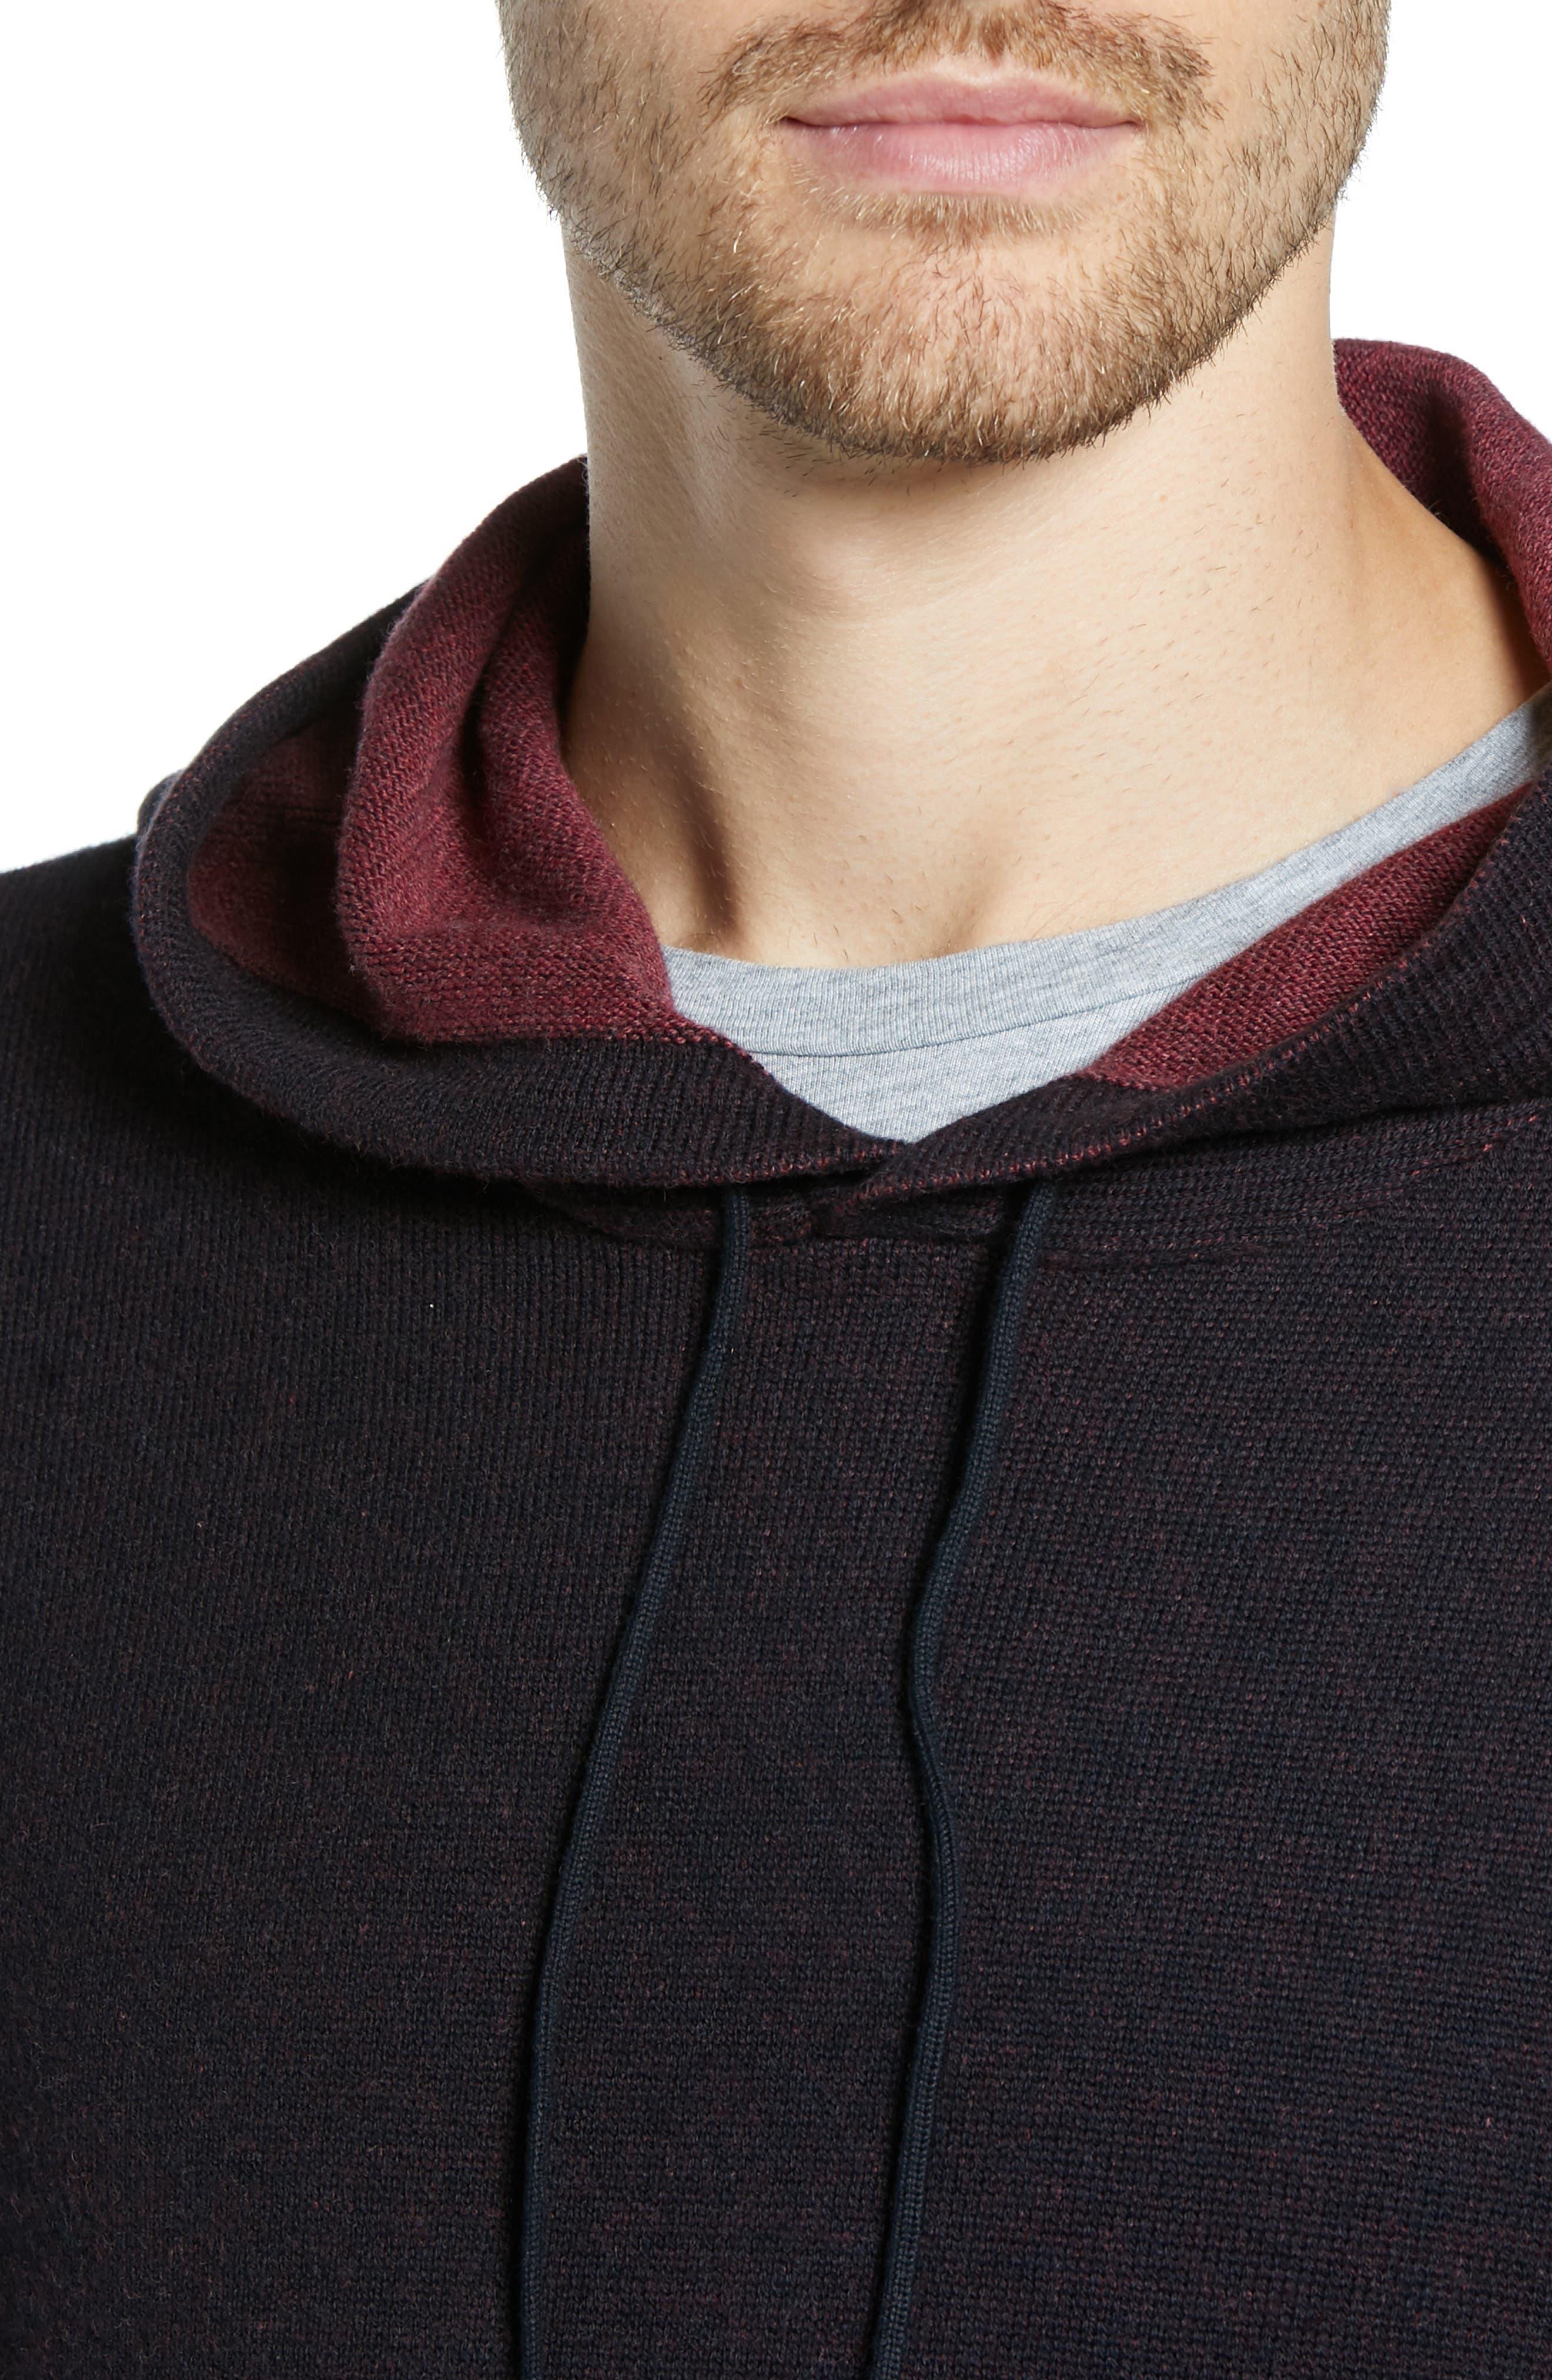 Regular Fit Cotton & Cashmere Hoodie,                             Alternate thumbnail 4, color,                             BLACK CAVIAR